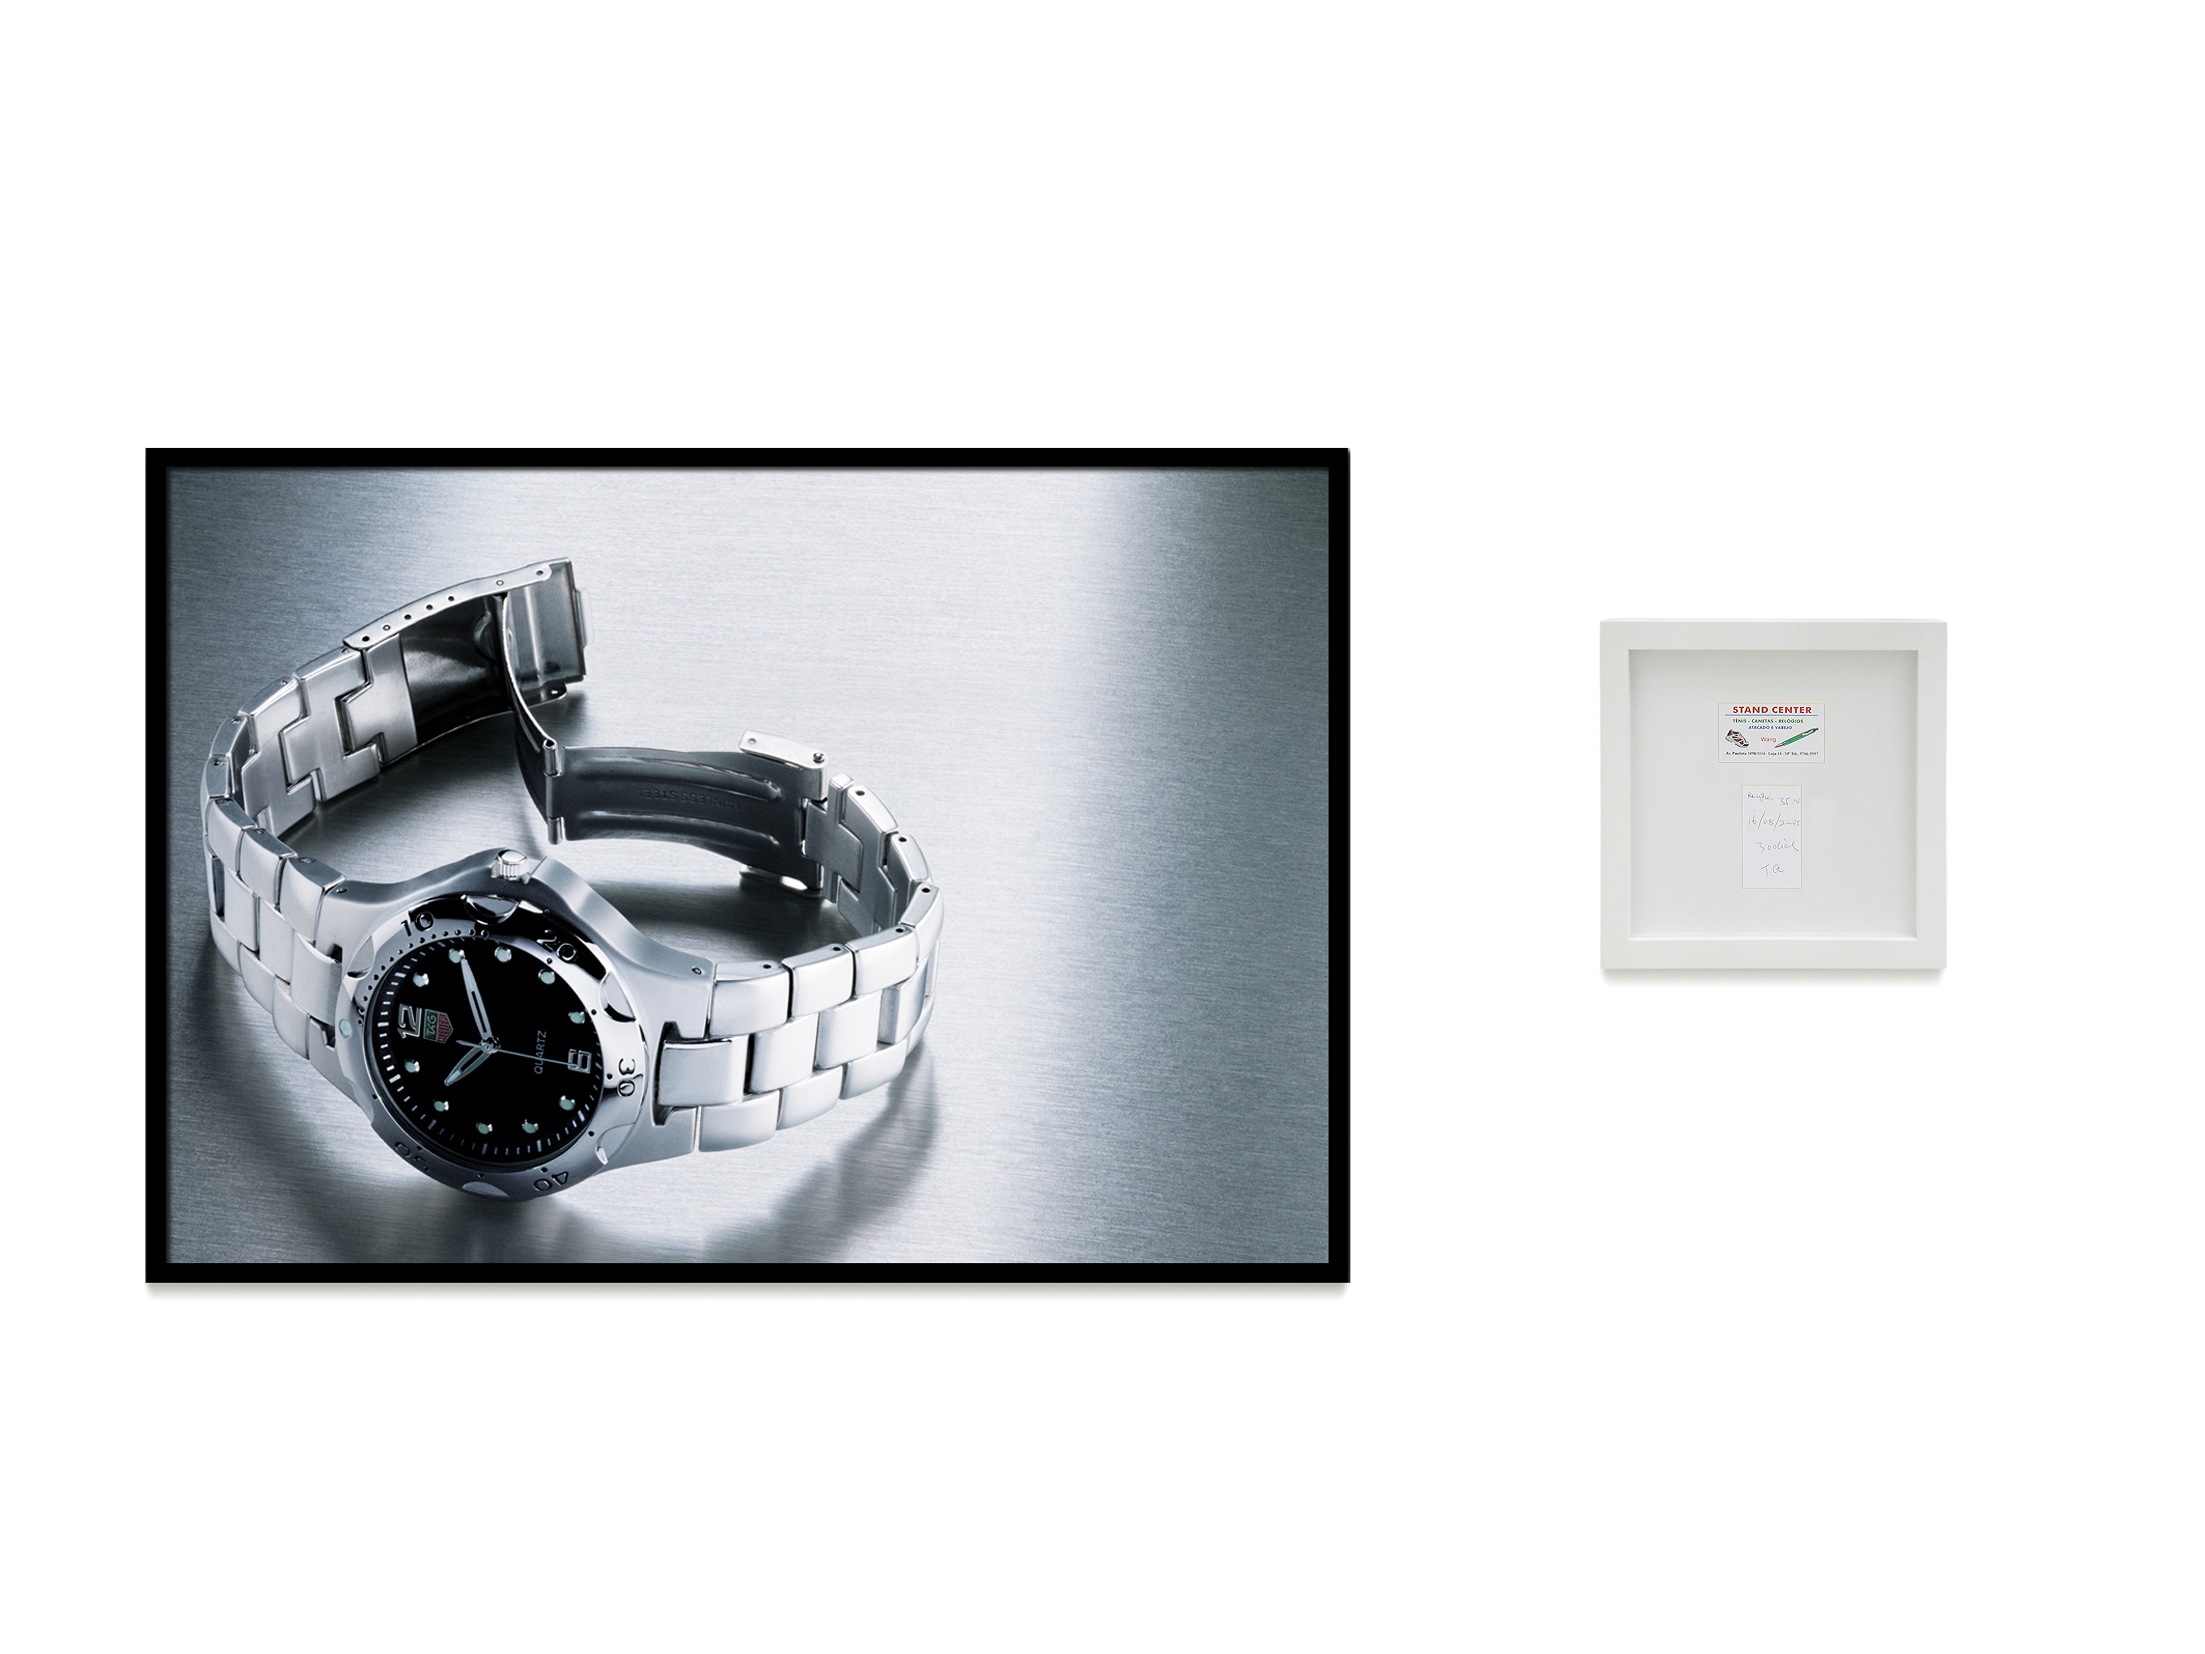 Tag Heuer: R$ 35,00 (série O Que Te Seduz) •  2004 •  Fotografia, impressão digital, recibo de compra •  80 x 120 cm, 30 x 30 cm (díptico)